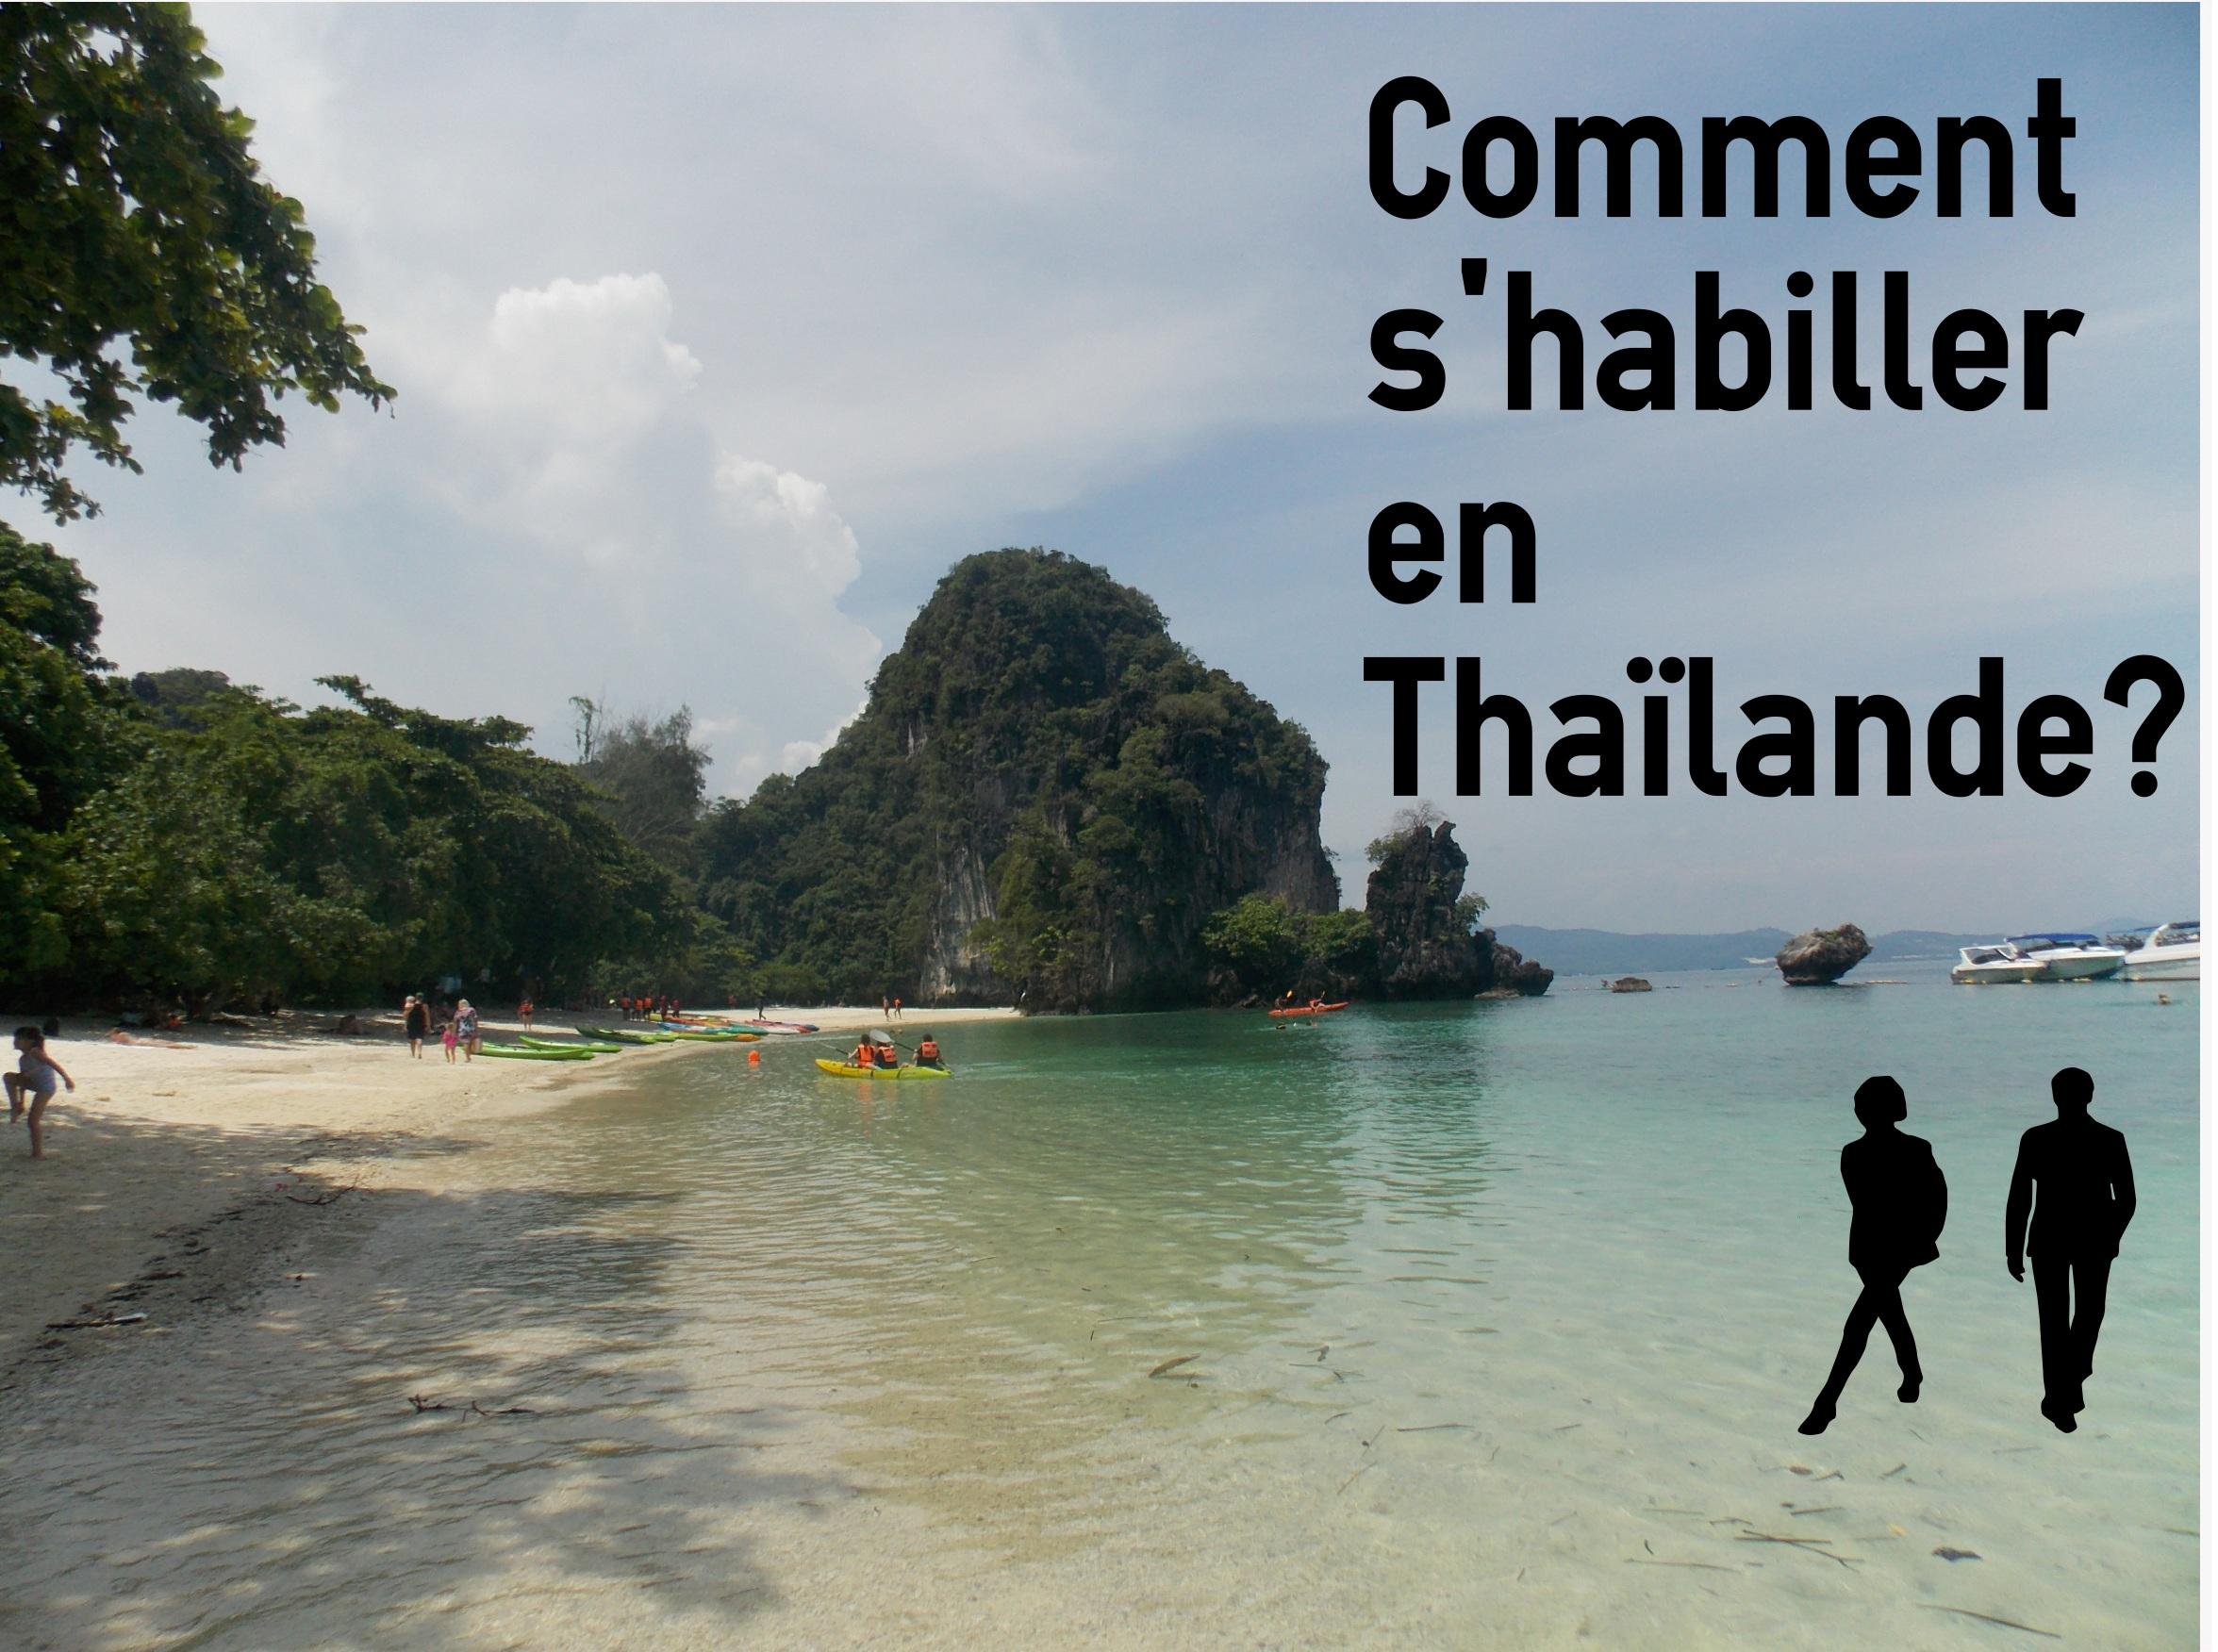 Comment s'habiller en Thaïlande?